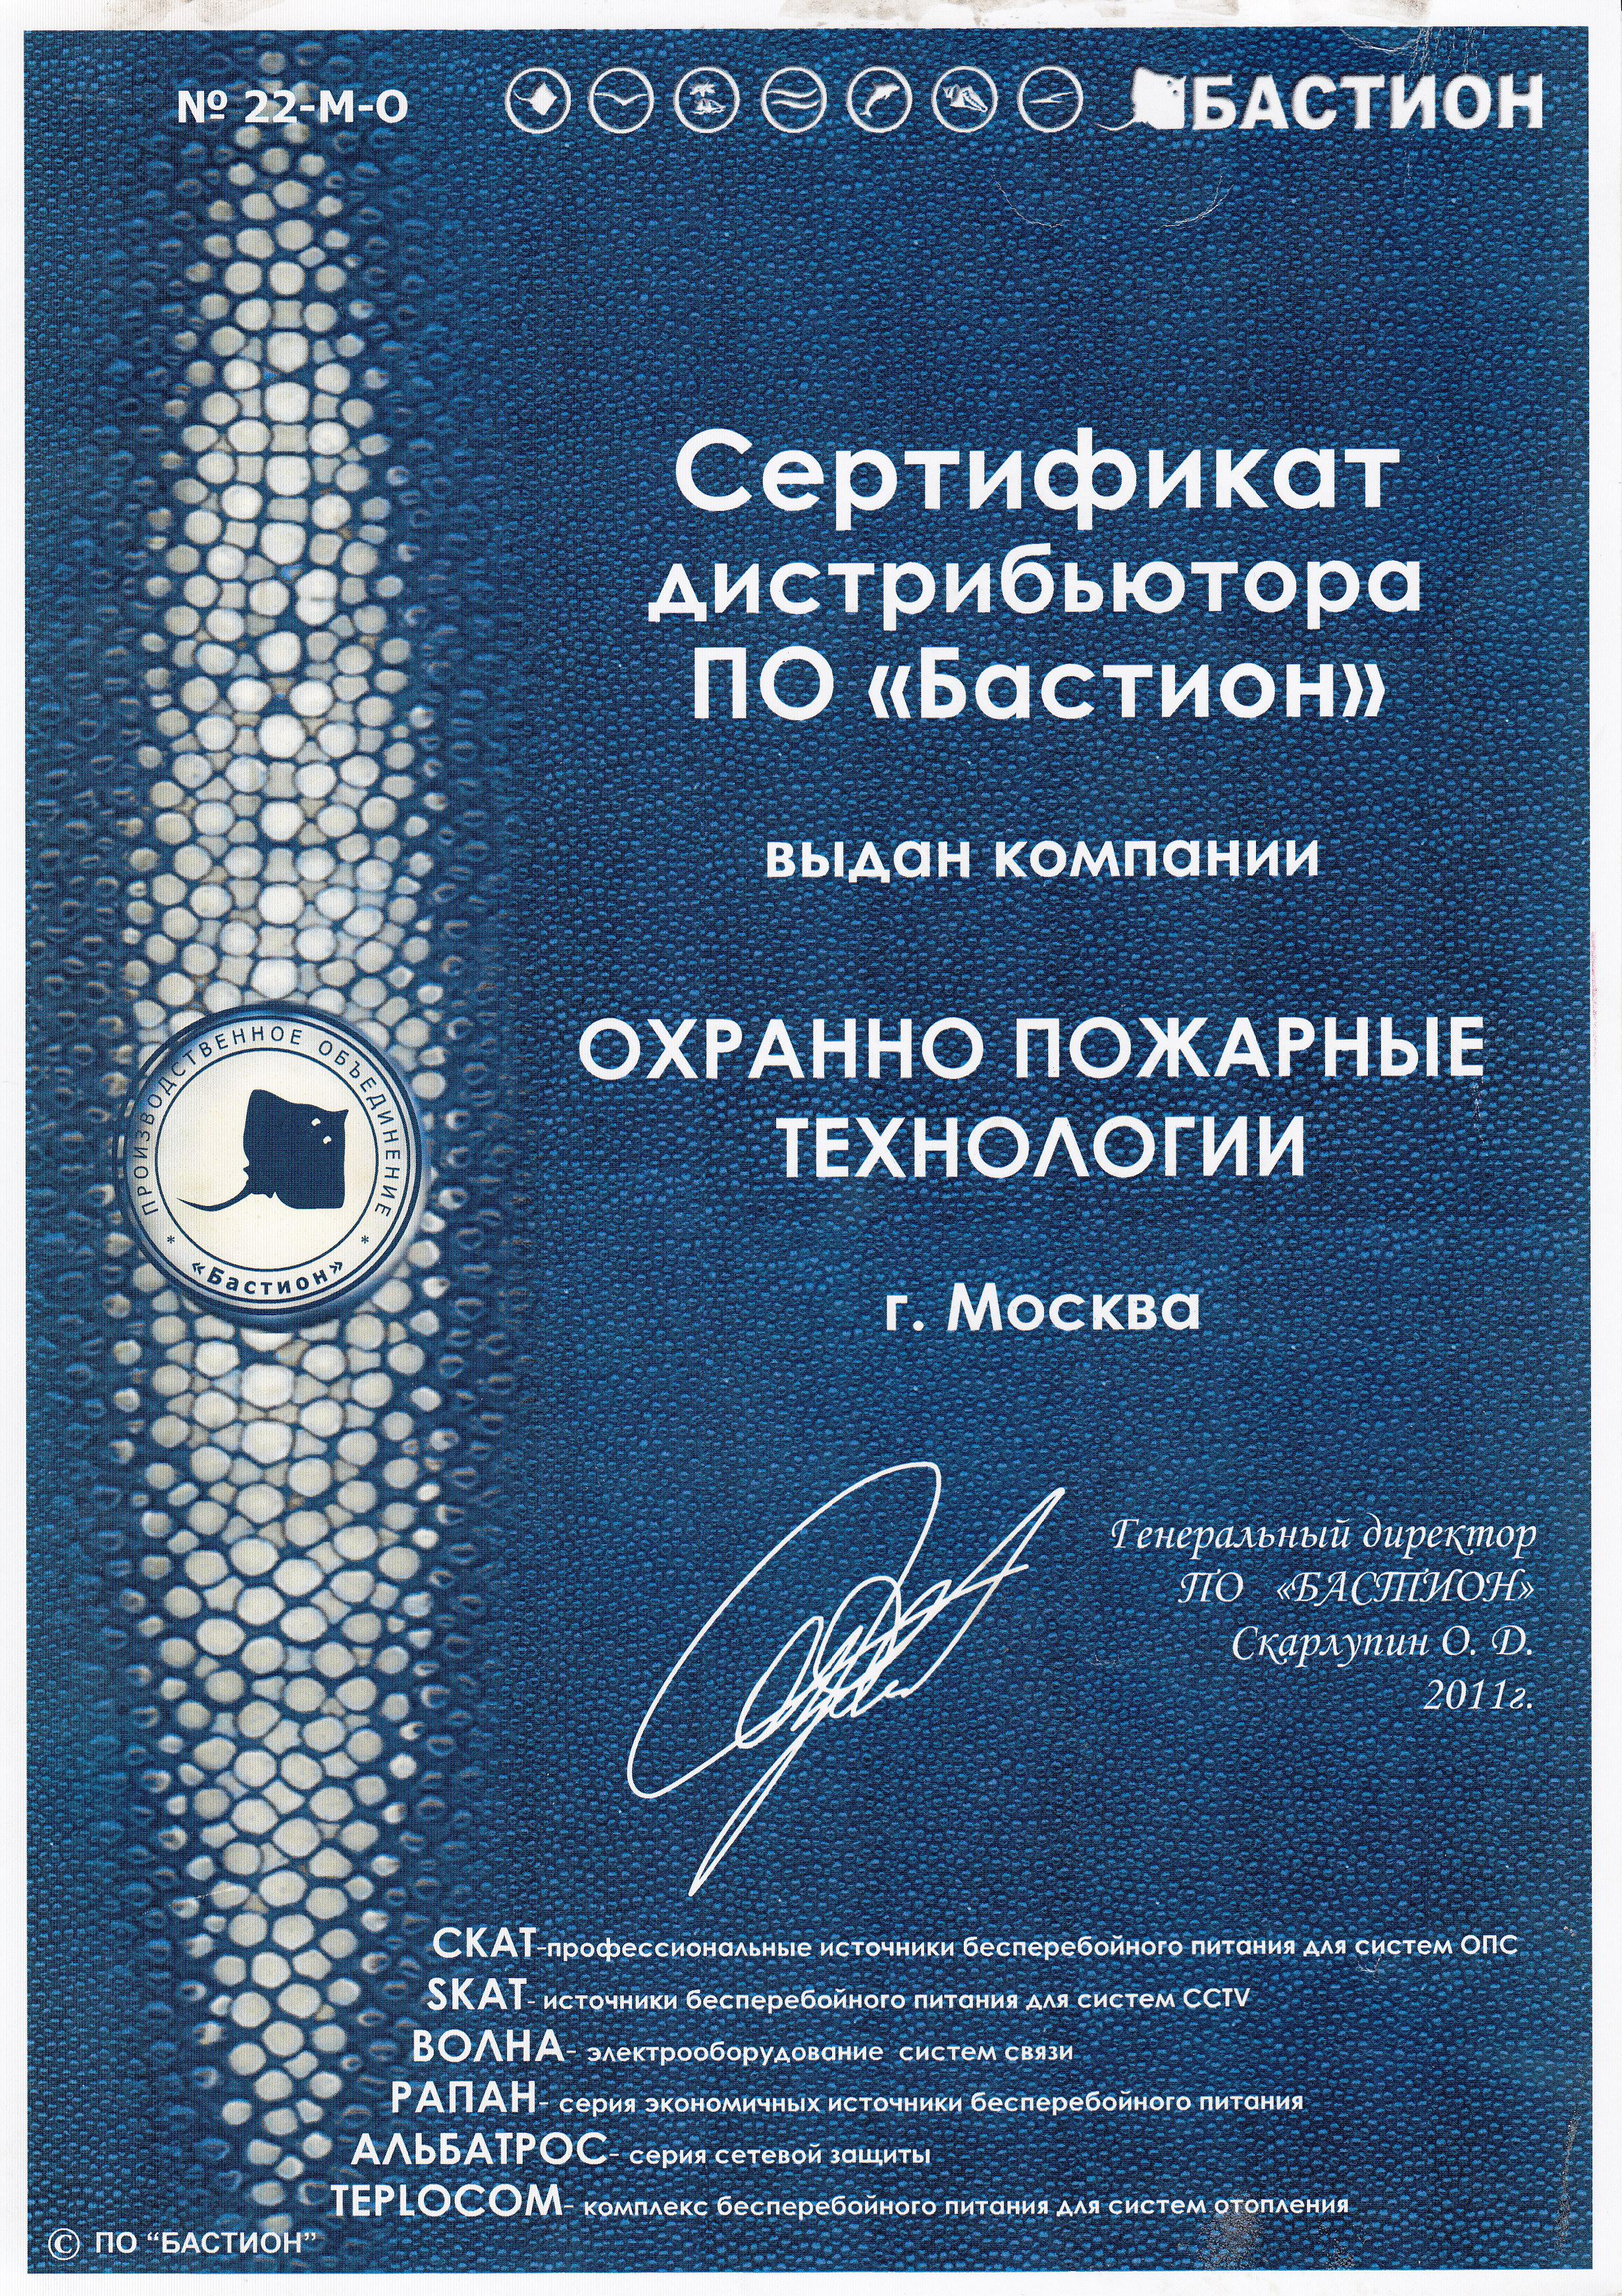 Бастион сертификат